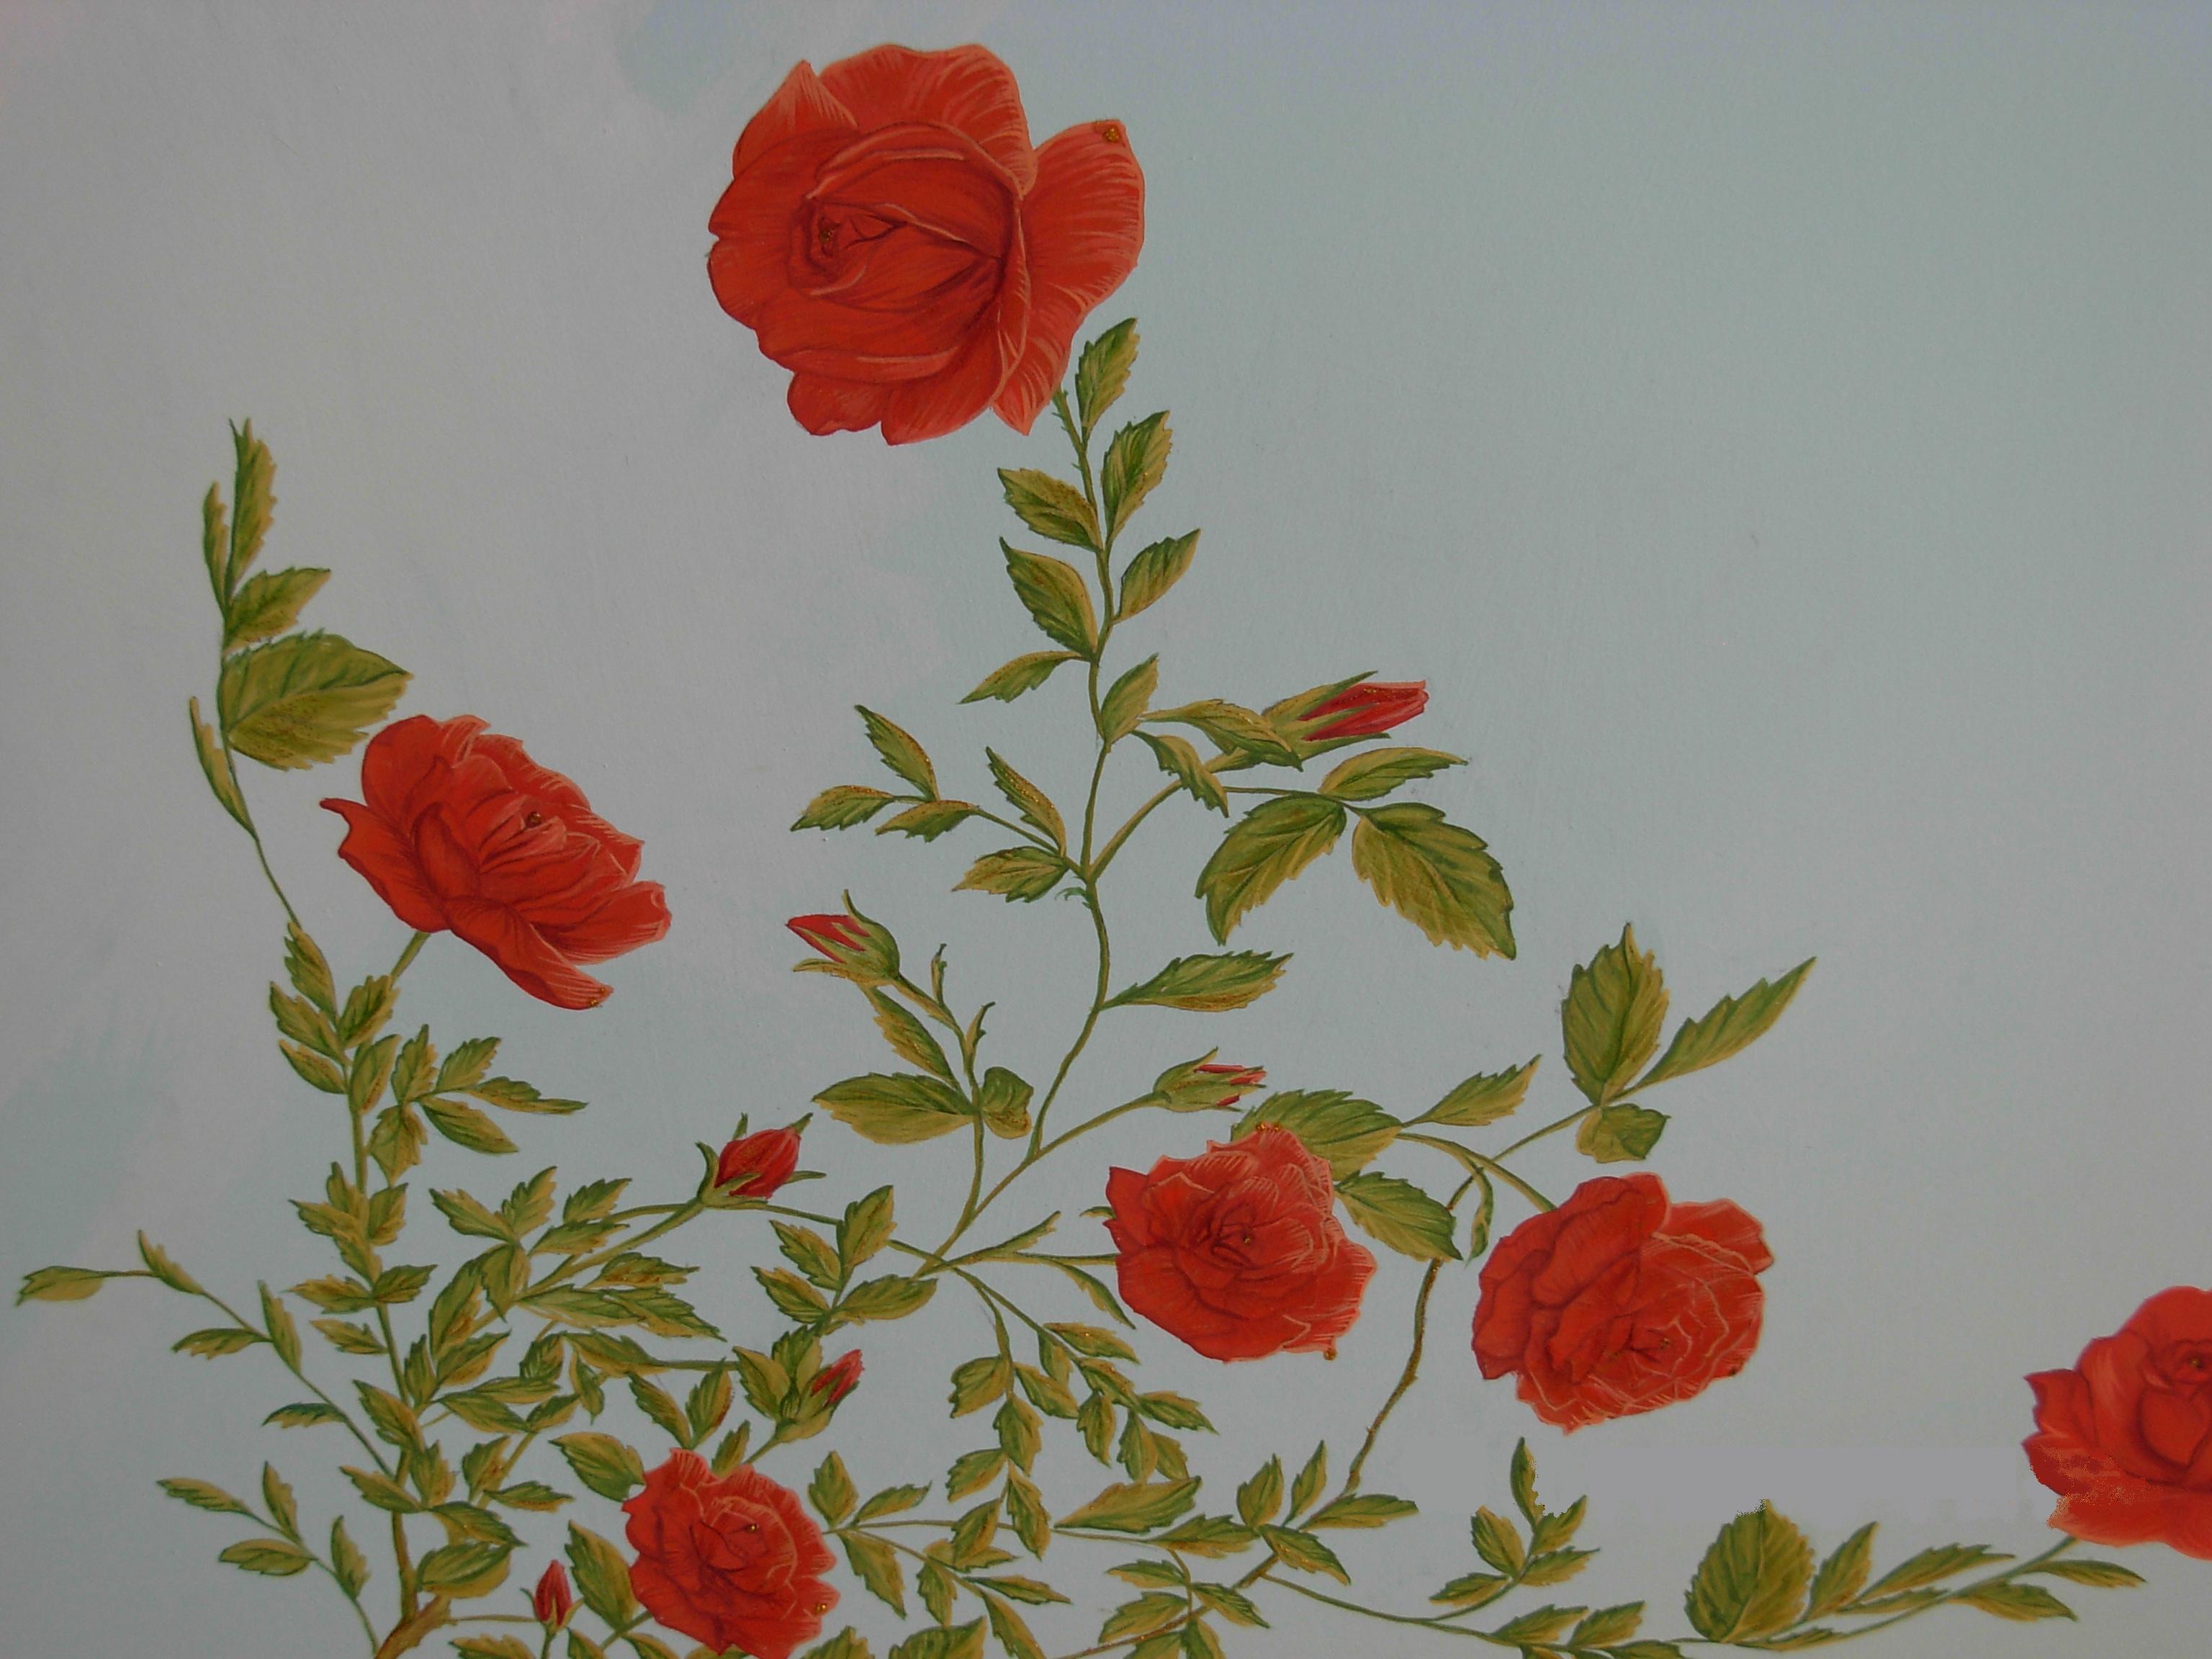 Quadri e poesie trompe l oeil trevignano for Quadri con rose rosse